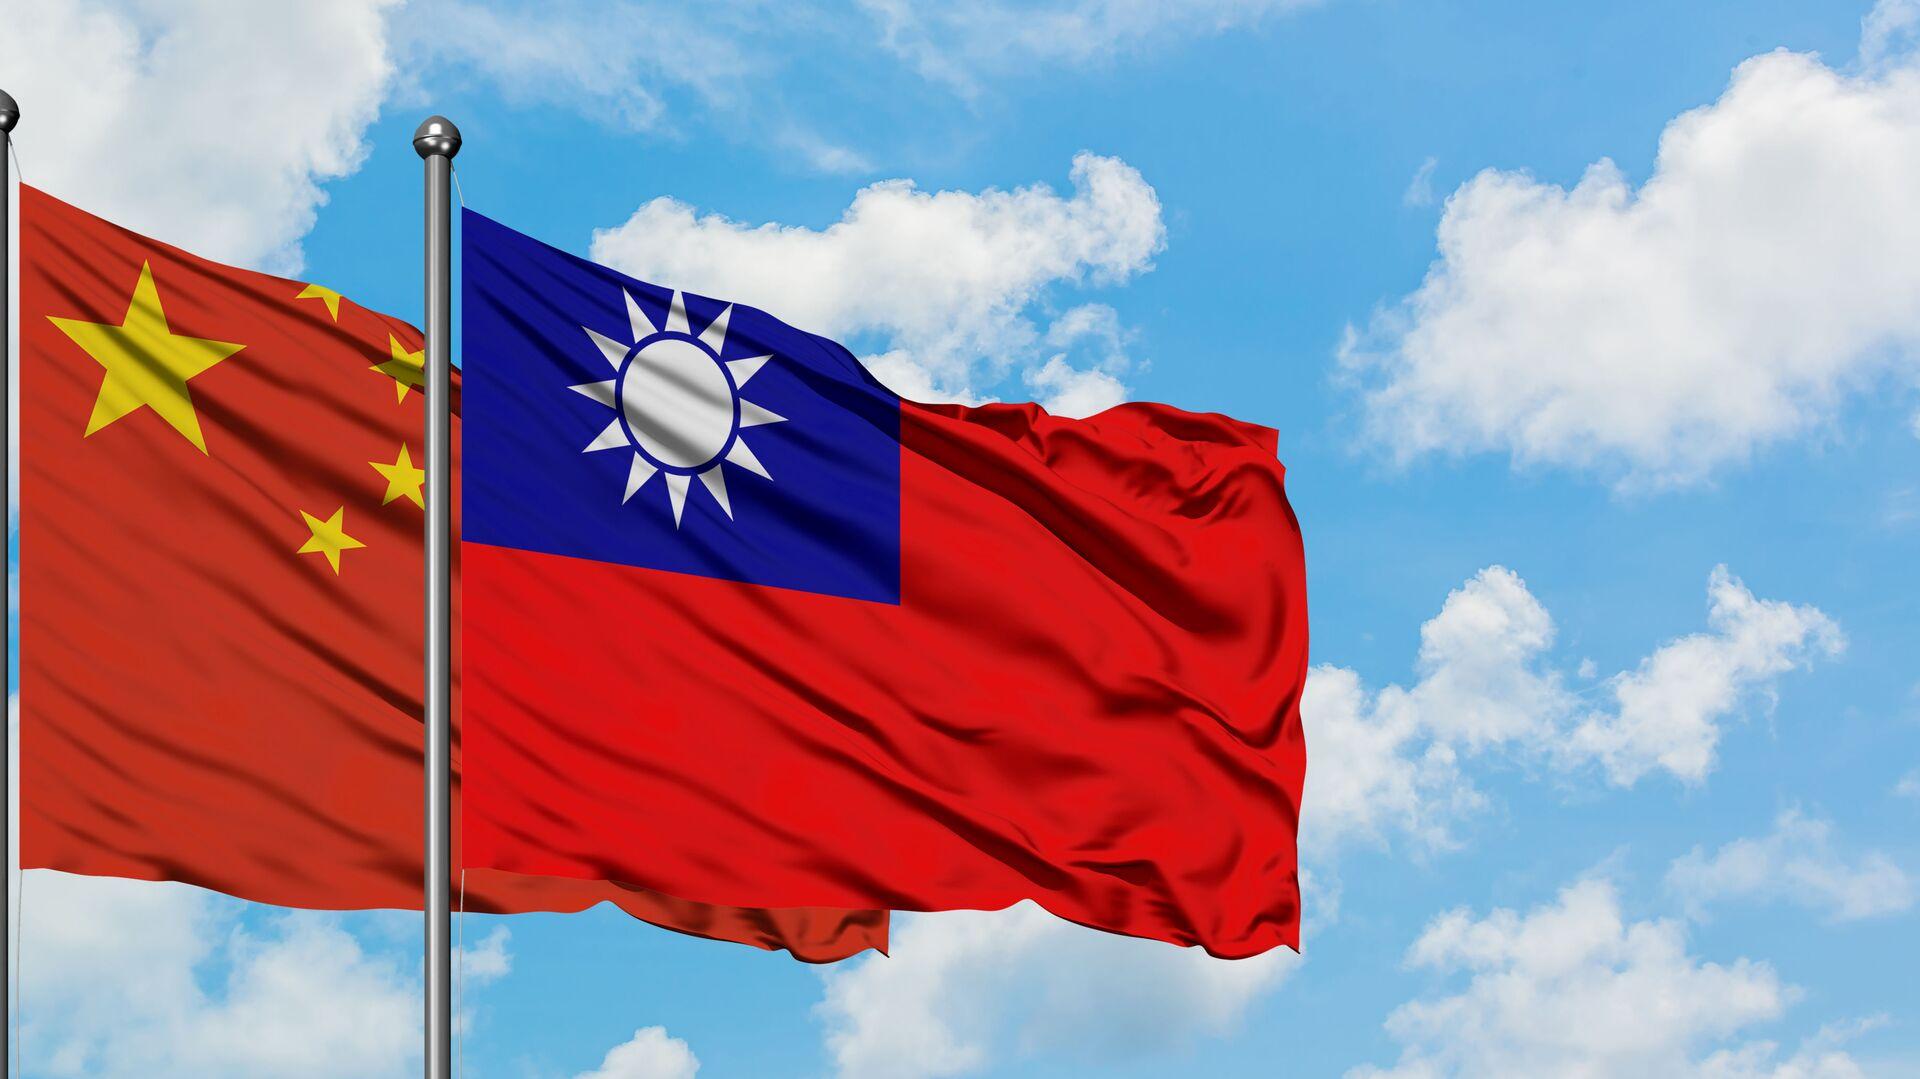 台湾の政権が中国に移った場合「カタストロフィー的結果」に 台湾総統が警告 - Sputnik 日本, 1920, 06.10.2021